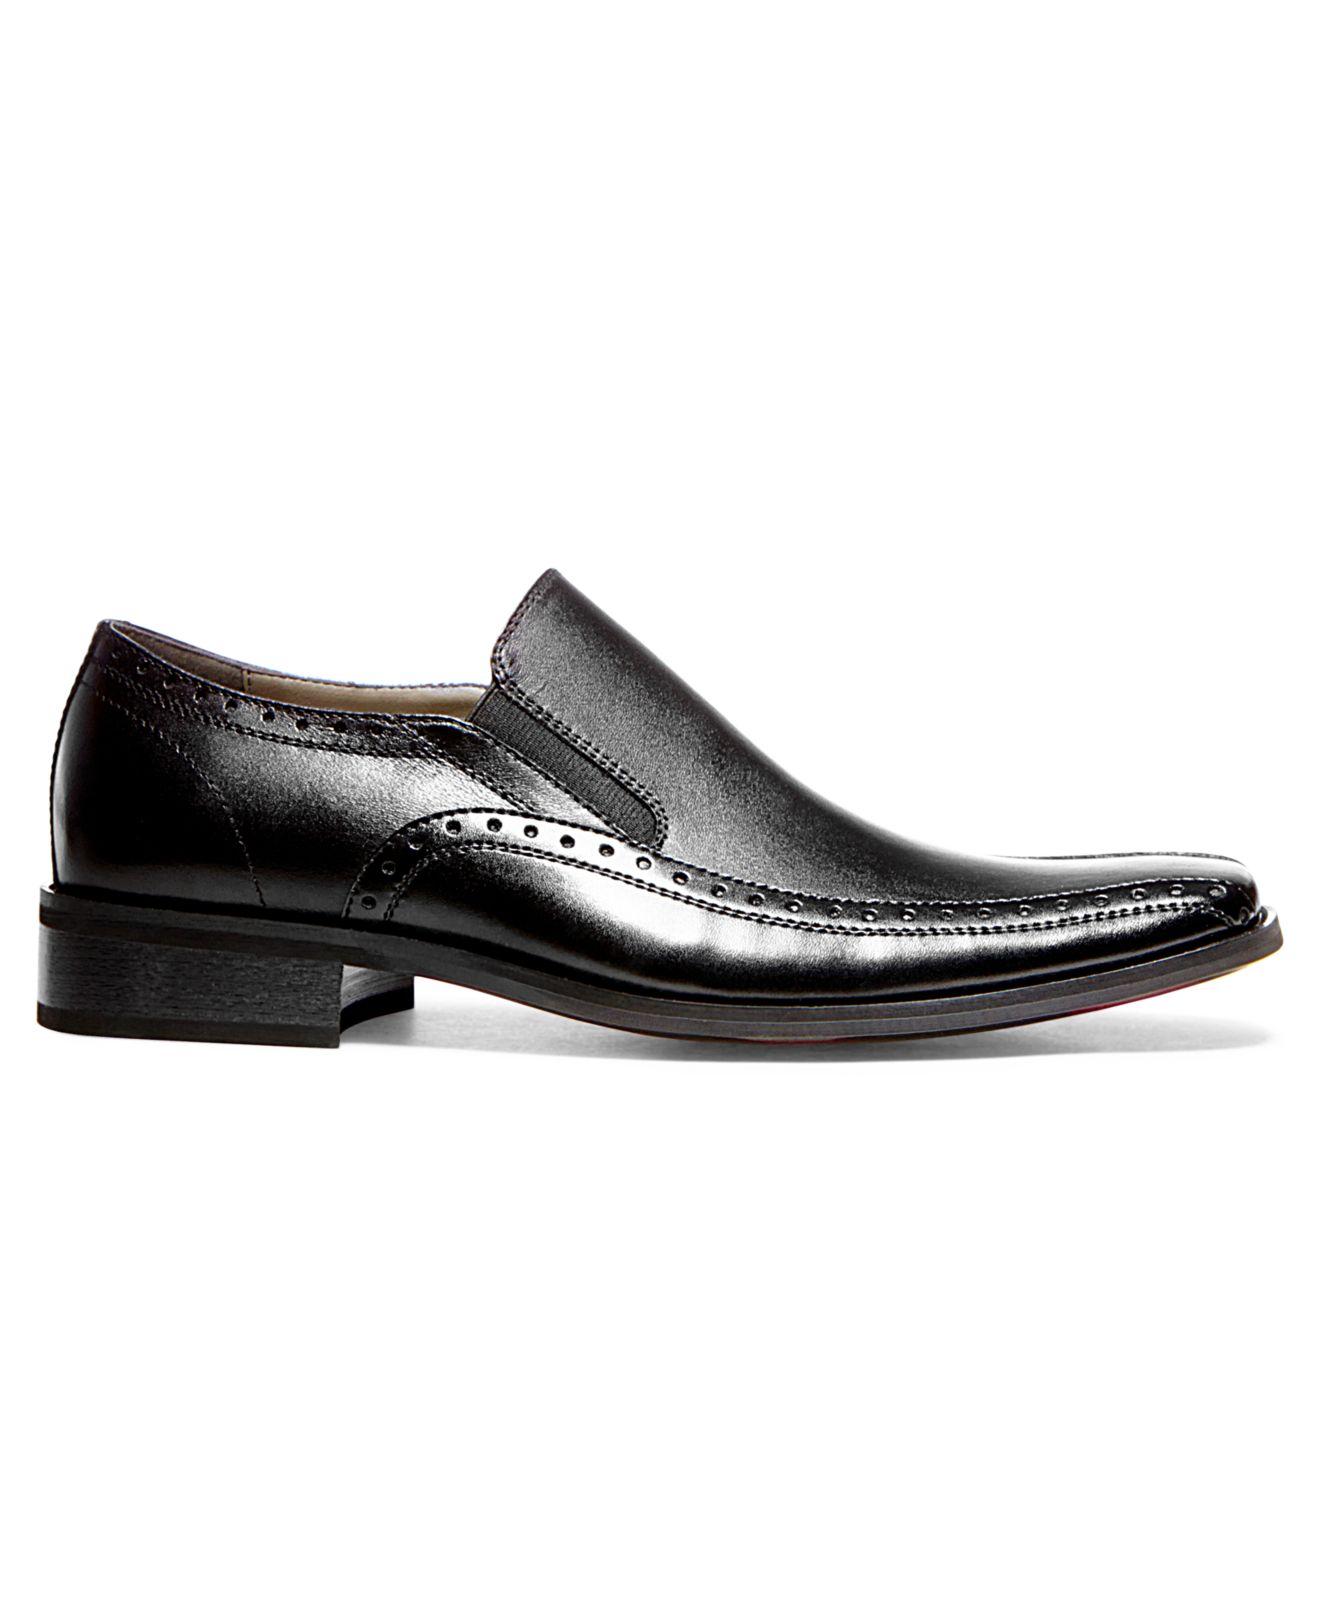 dfb222baac2 Steve Madden Black Kaptive Slip-on Dress Shoes for men